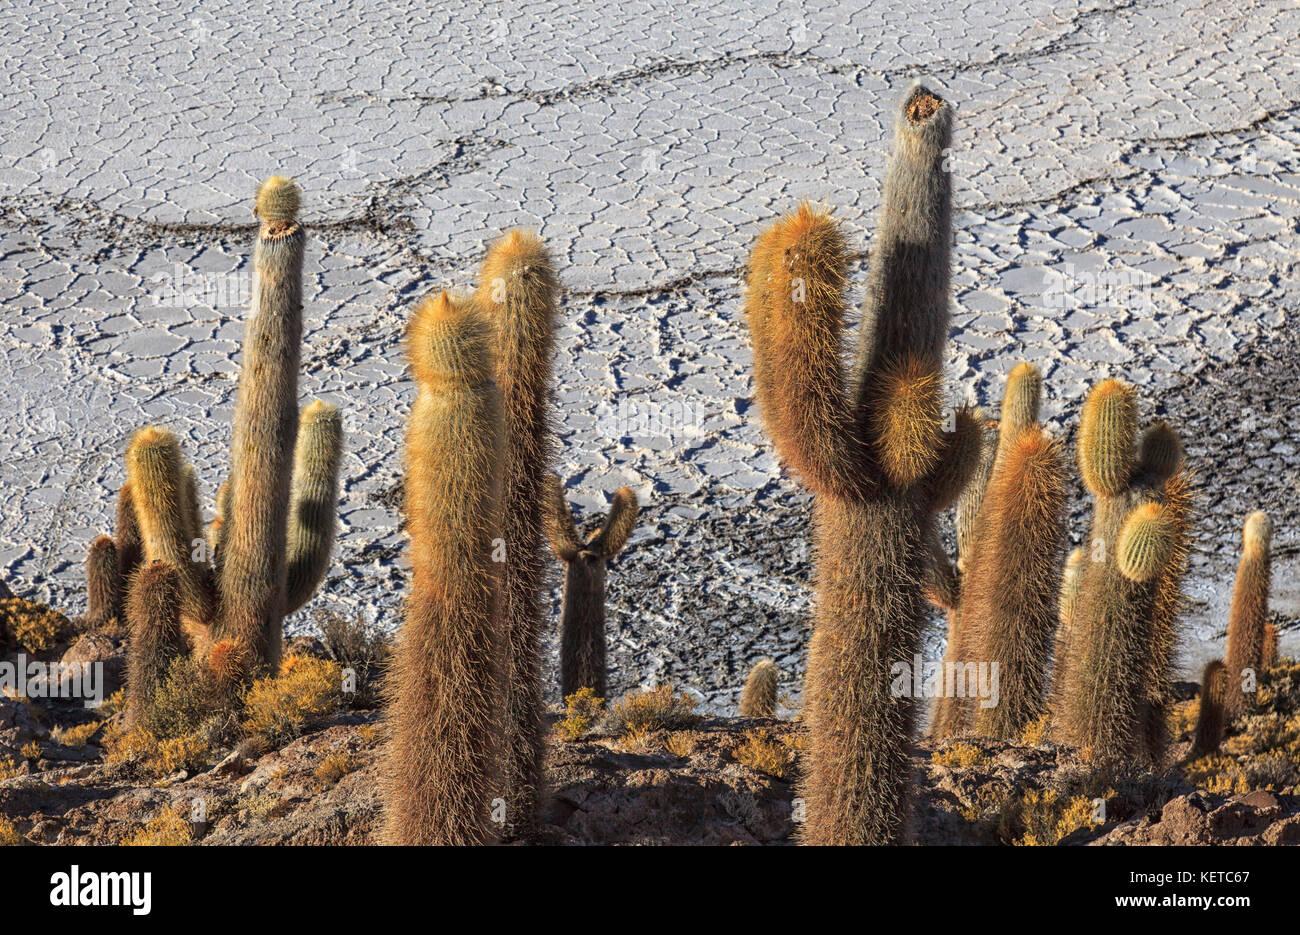 Cerca de cactus gigantes en colinas y rocas de la Isla Incahuasi, ubicado en el salar de Uyuni, Sud Lípez bolivia Imagen De Stock